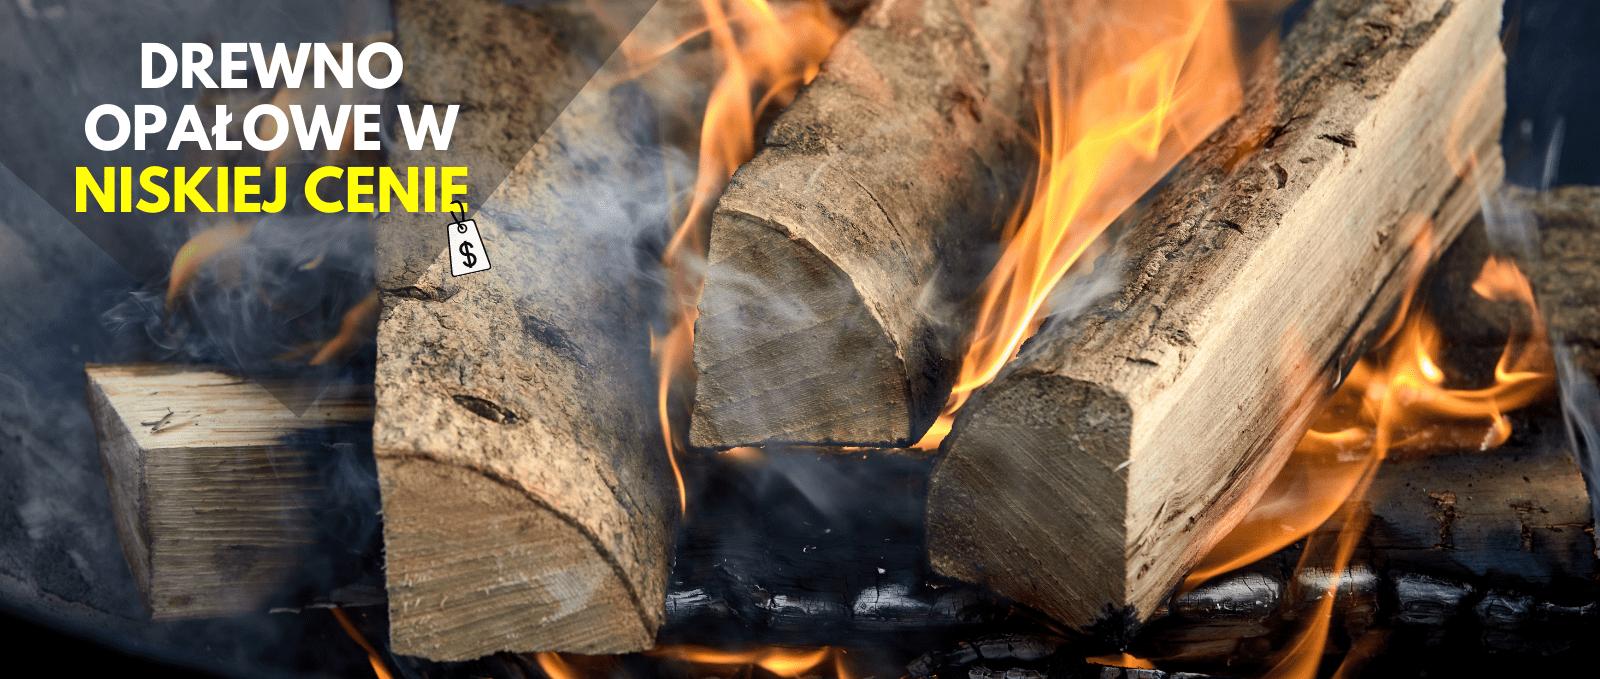 Drewno opałowe w niskich cenach